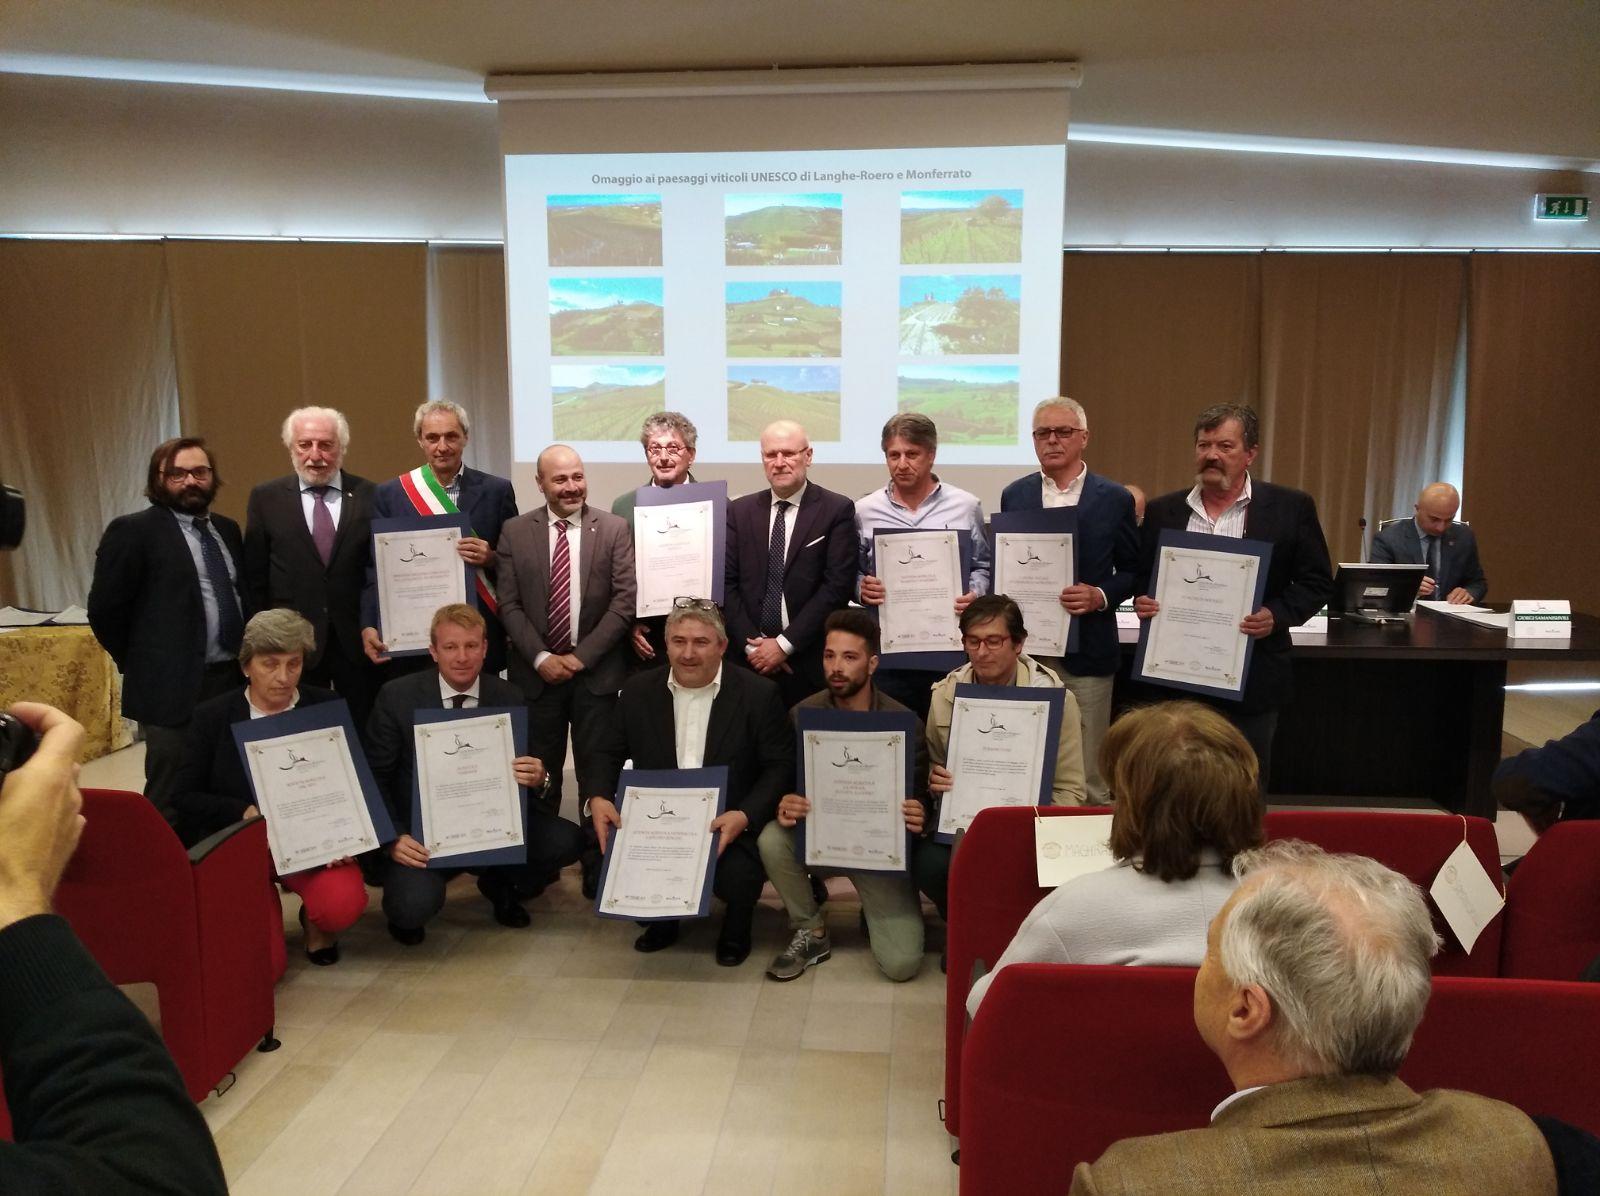 L'UNESCO PREMIA FERRARIS AGRICOLA PER VIGNA DEL PARROCO E COLLINA SANT'EUFEMIA